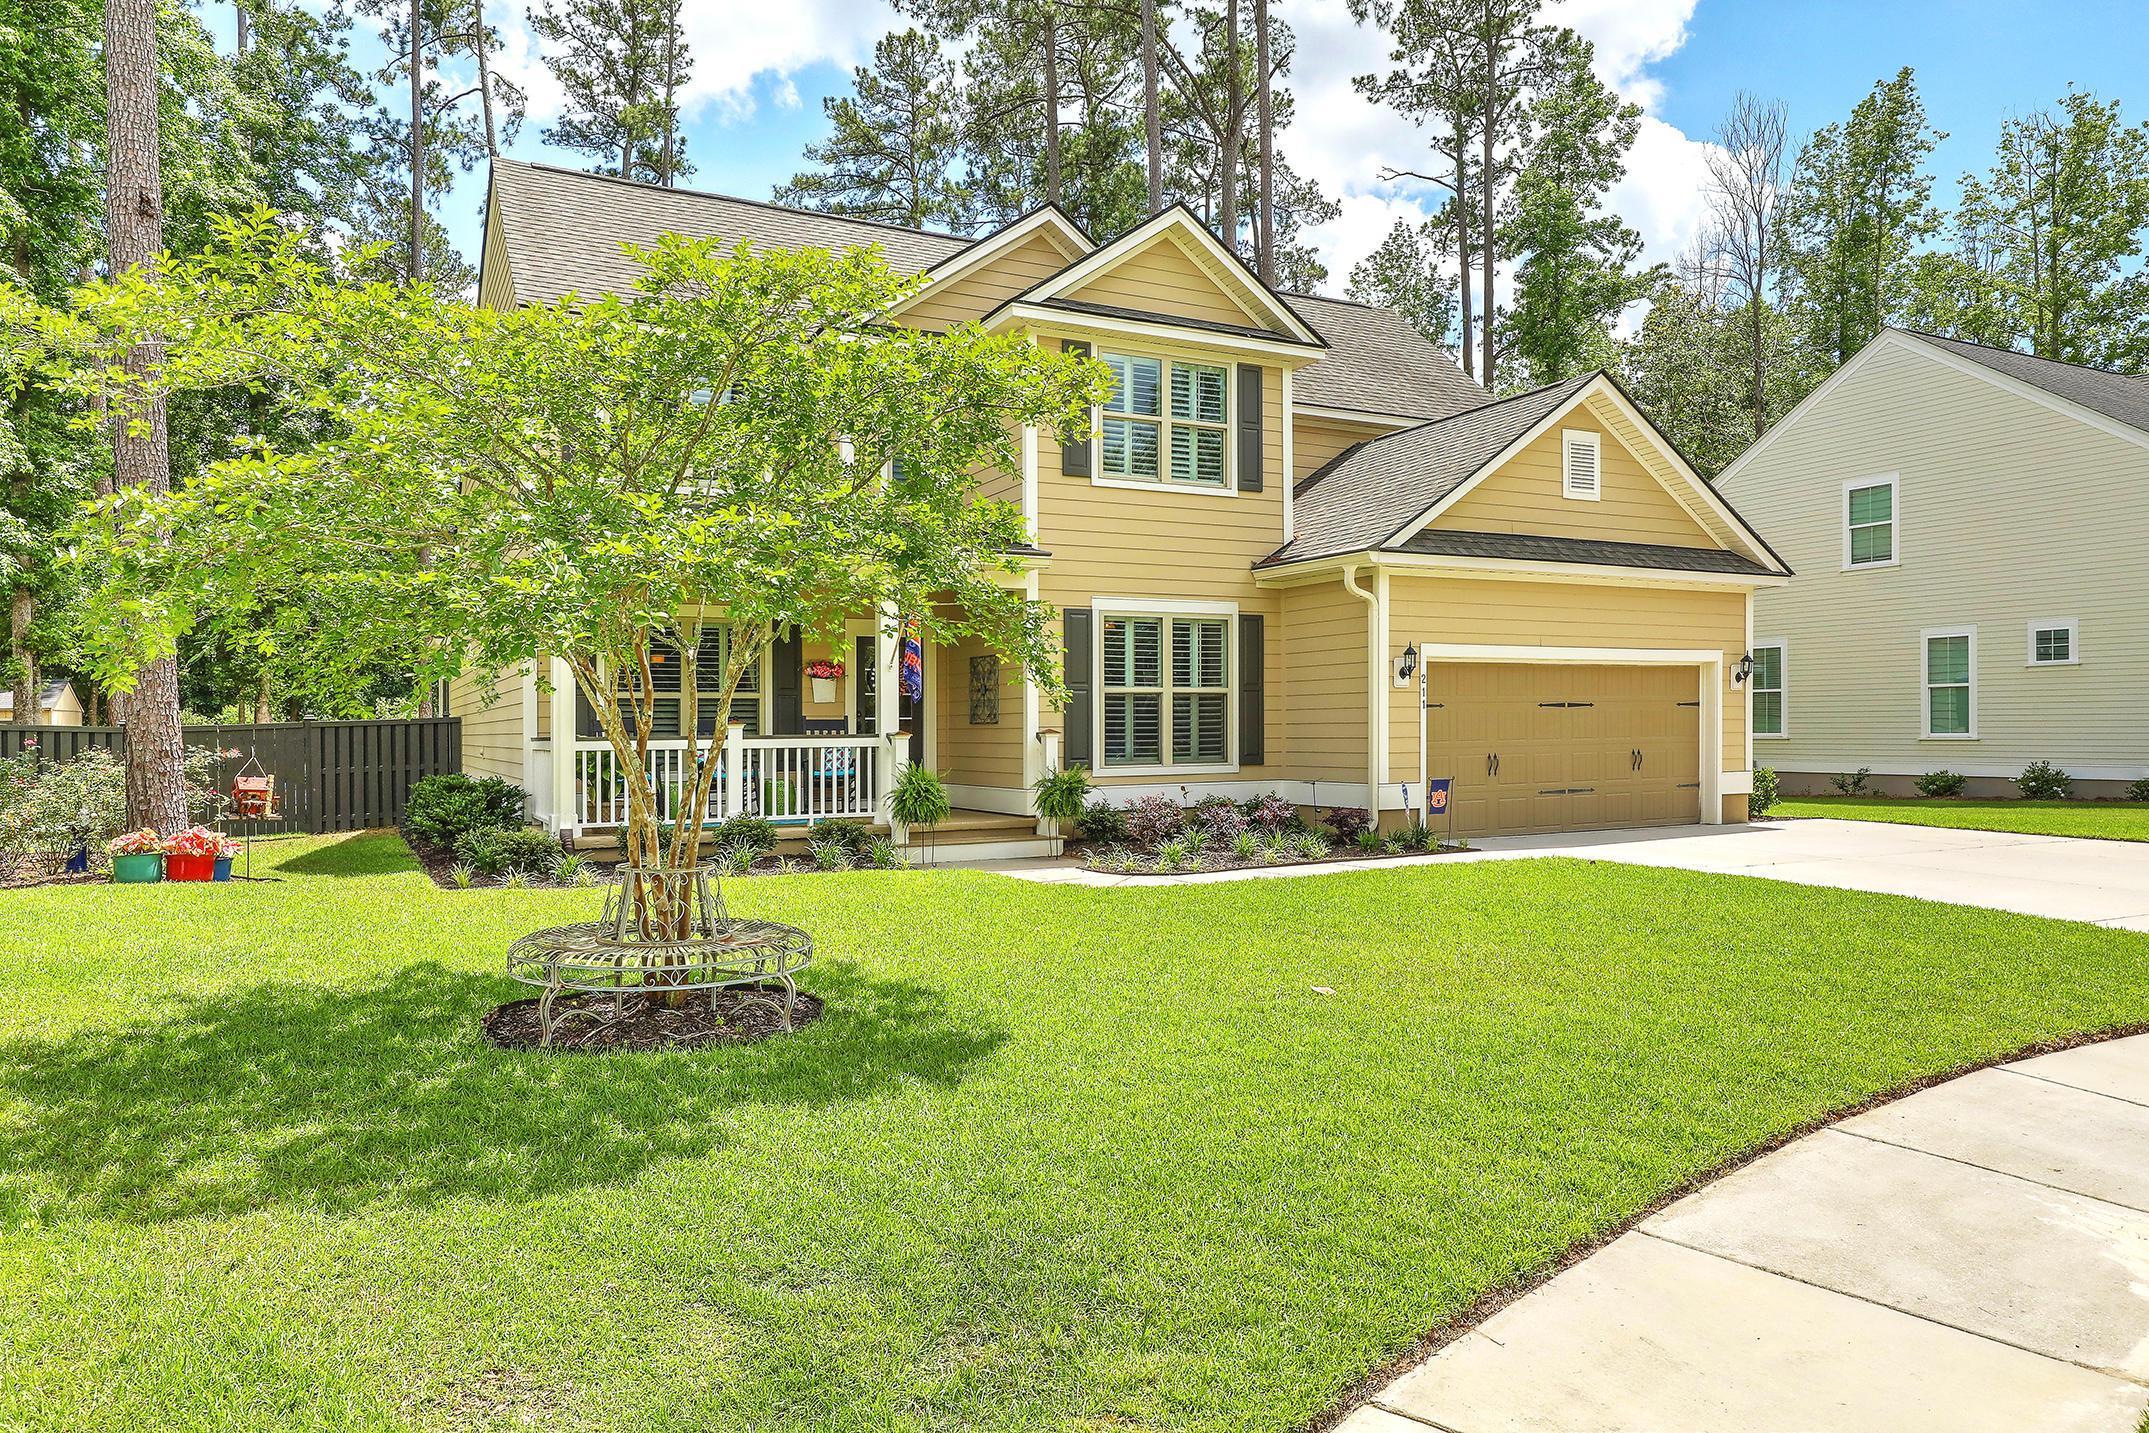 Simmons Grove Homes For Sale - 211 President, Summerville, SC - 6